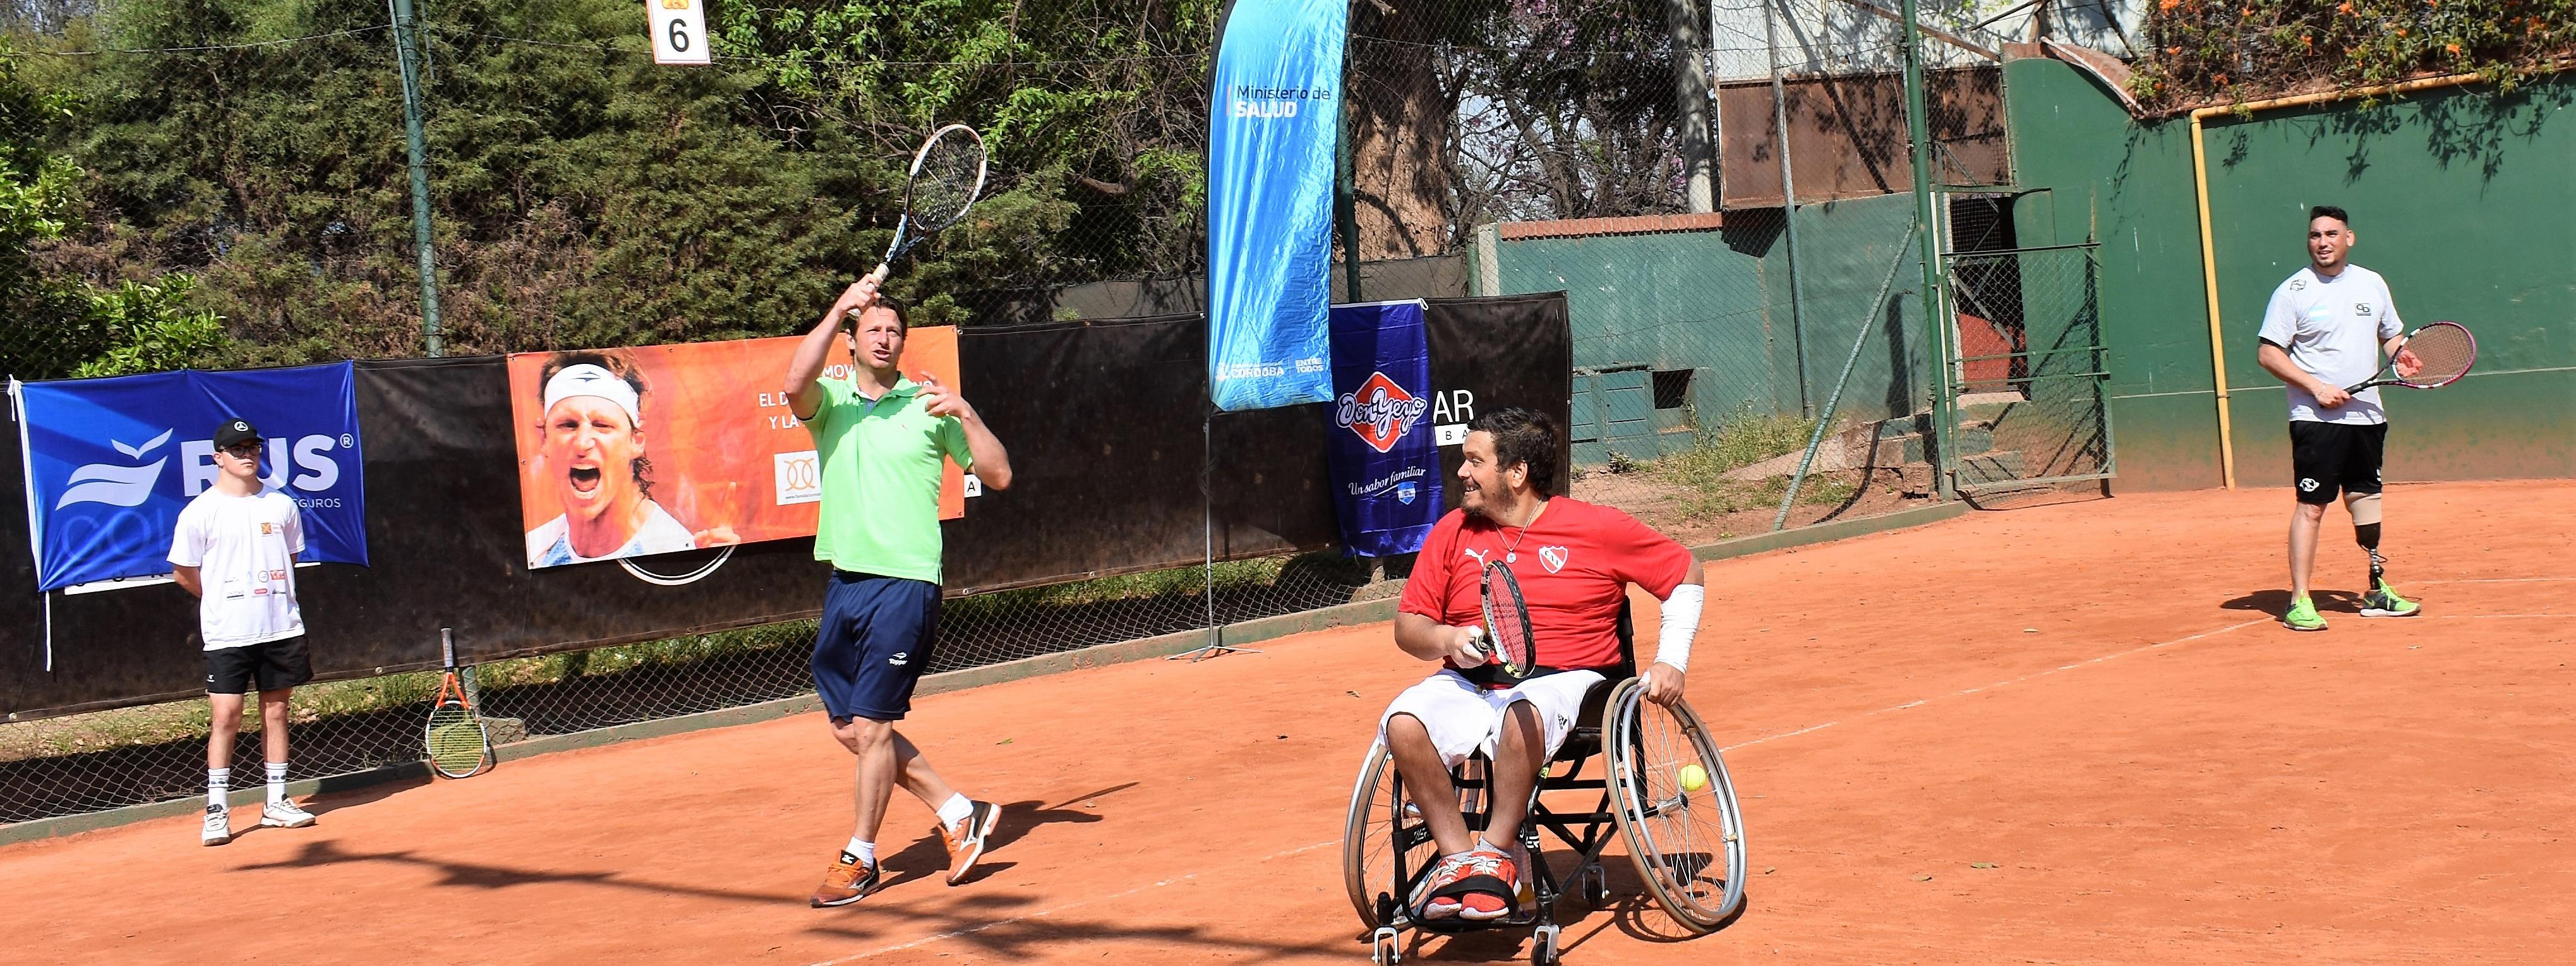 TENIS PARA TODOS: La Fundación Nalbandian aportó otro granito a la inclusión deportiva